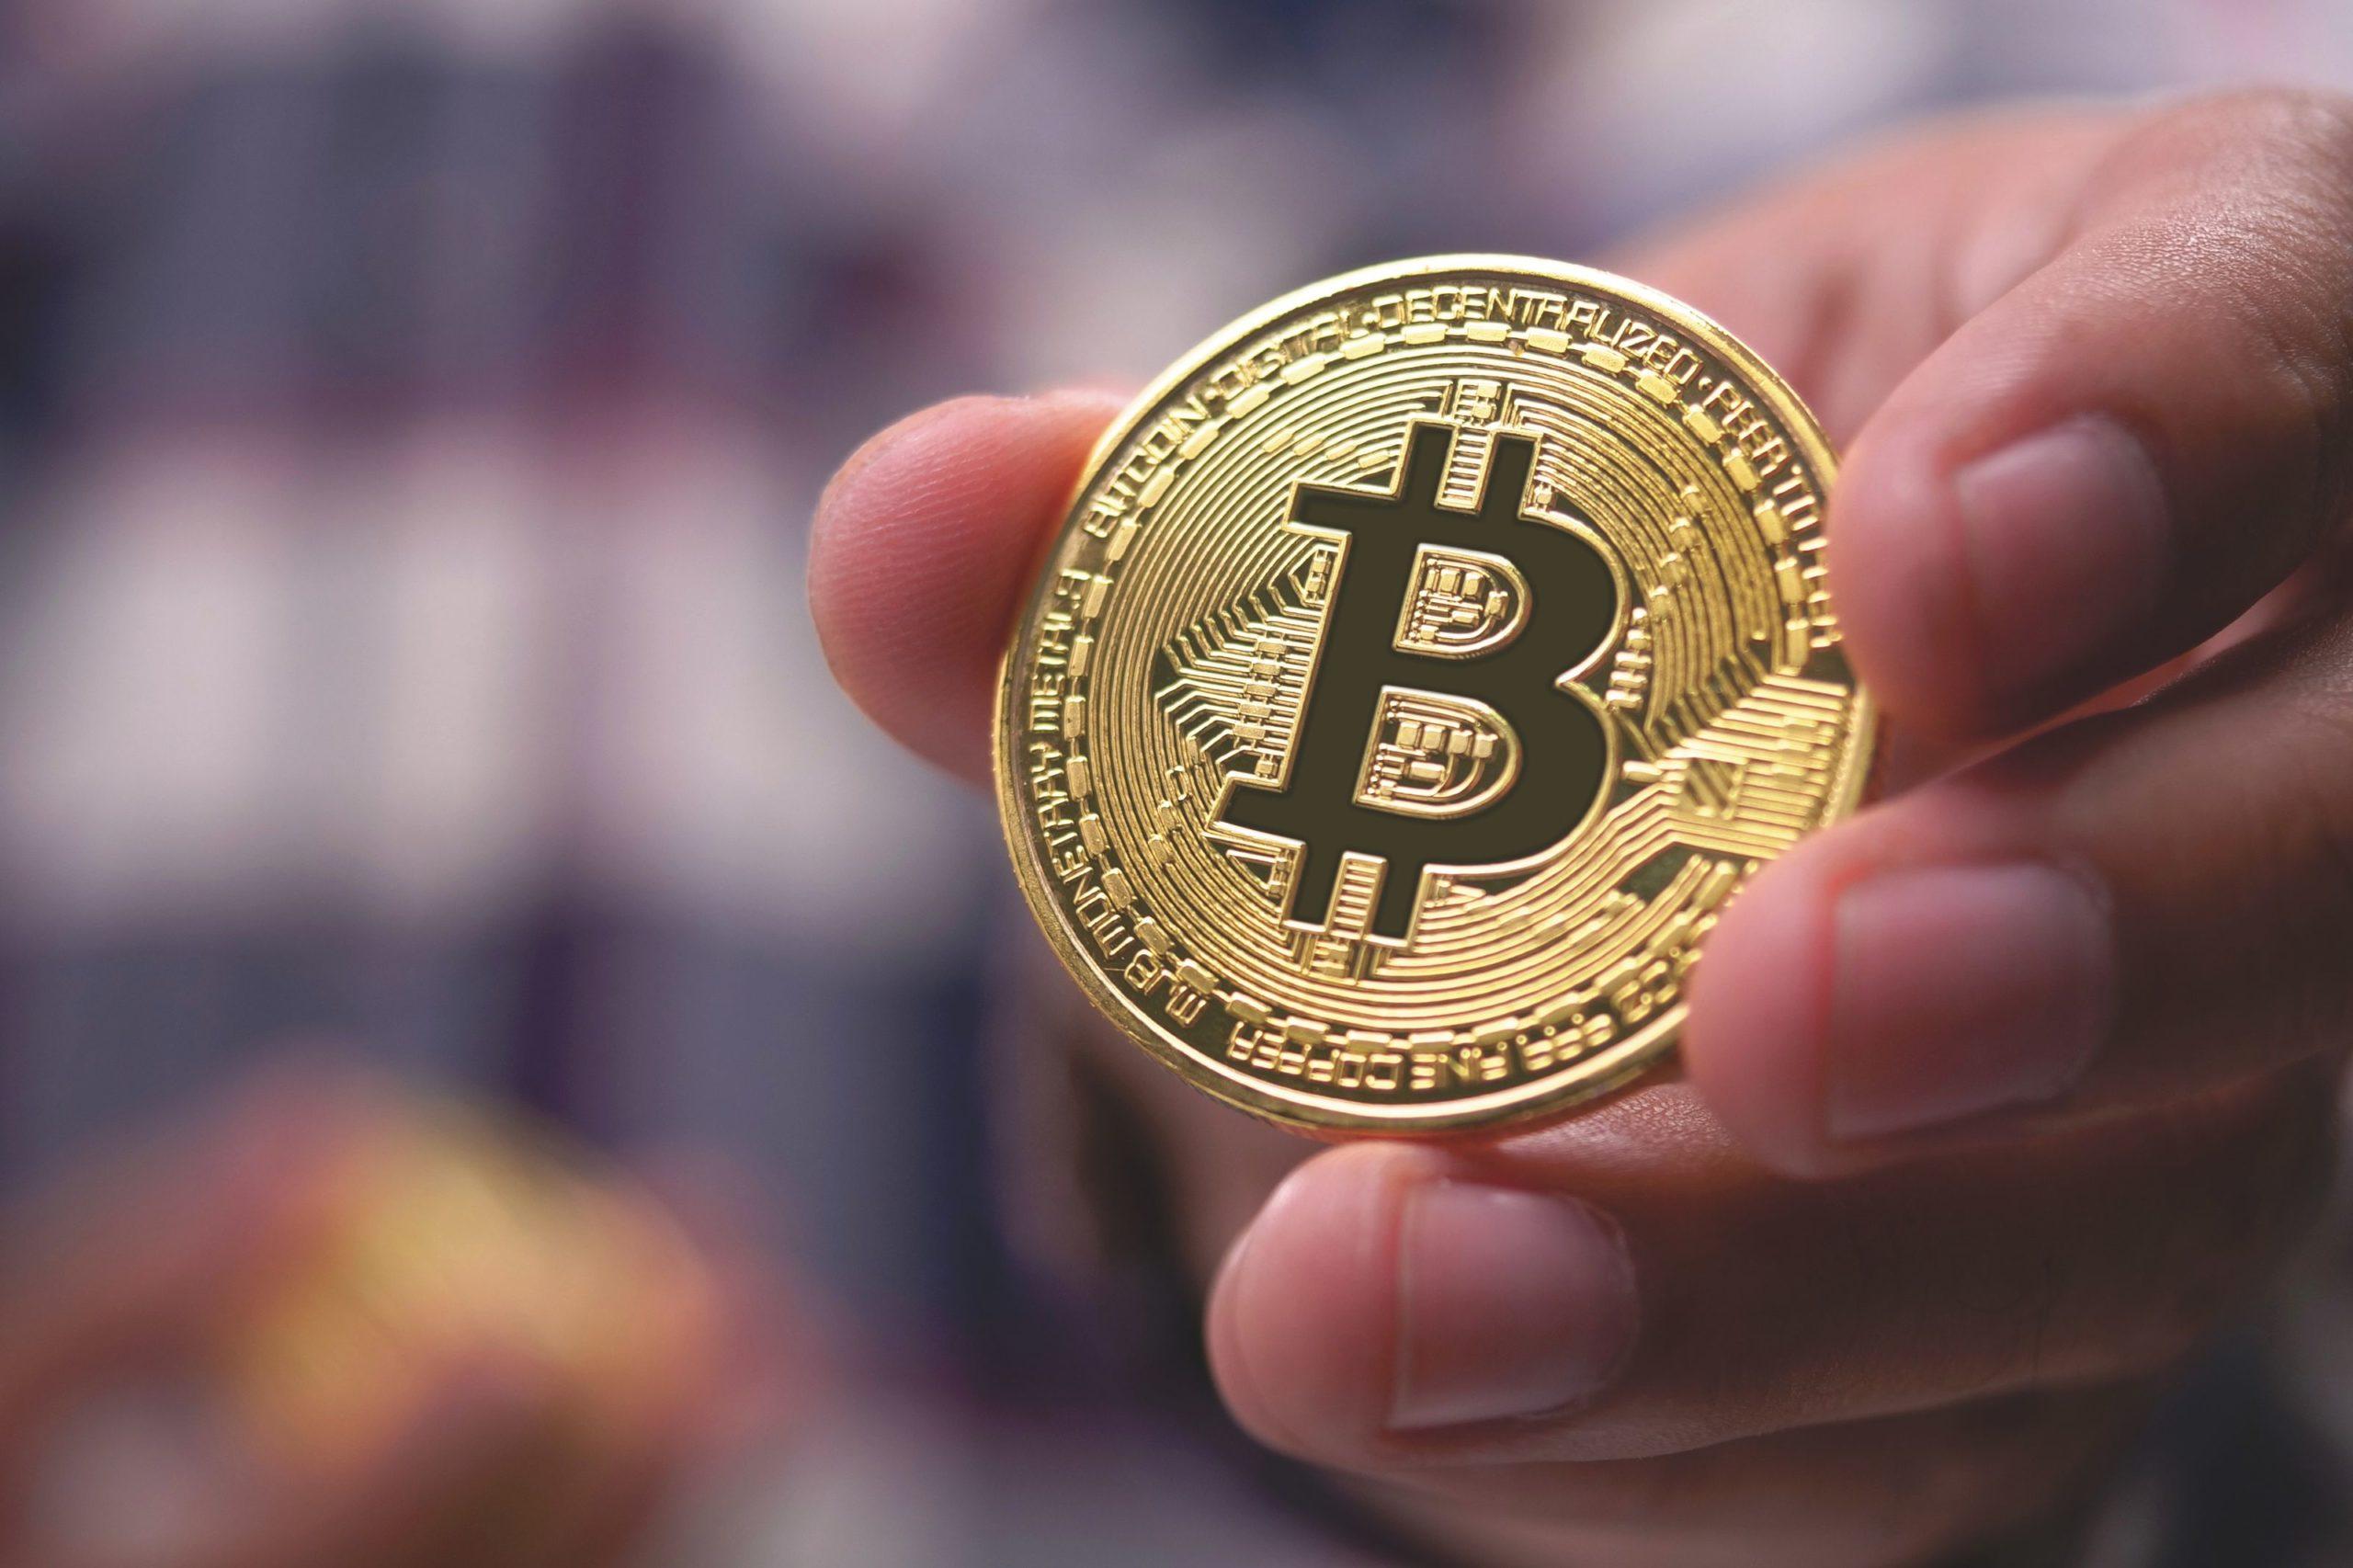 bu kripto para borsasinda bitcoin btc 6 000 dolara satildi